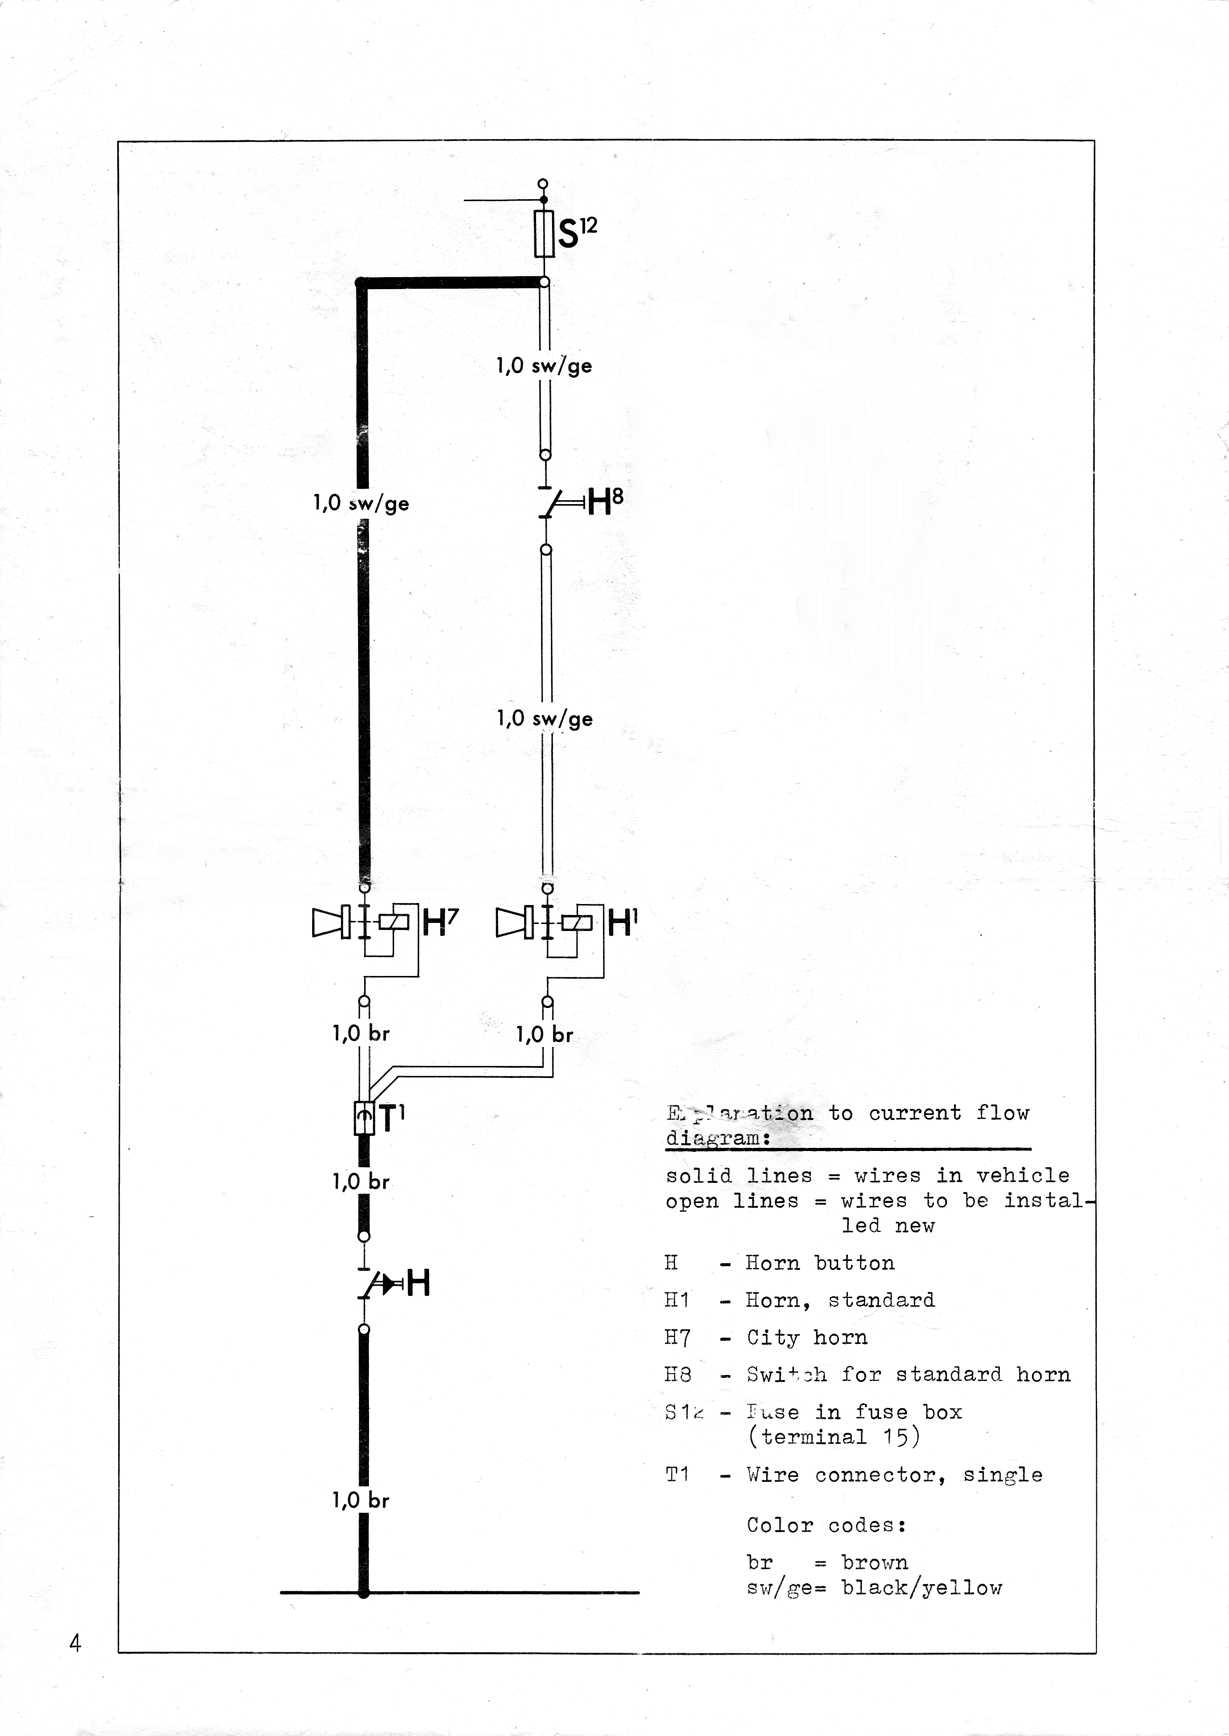 vw t2 1970 wiring diagram 92 jeep cherokee sport radio baduras volkswagen t2-bulli seite - stromlaufpläne